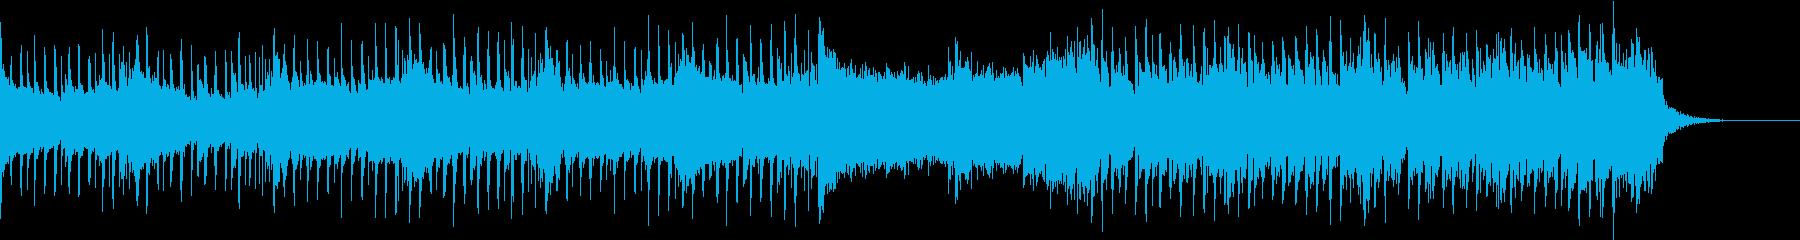 5拍子の壮大でかっこいいオープニングの再生済みの波形